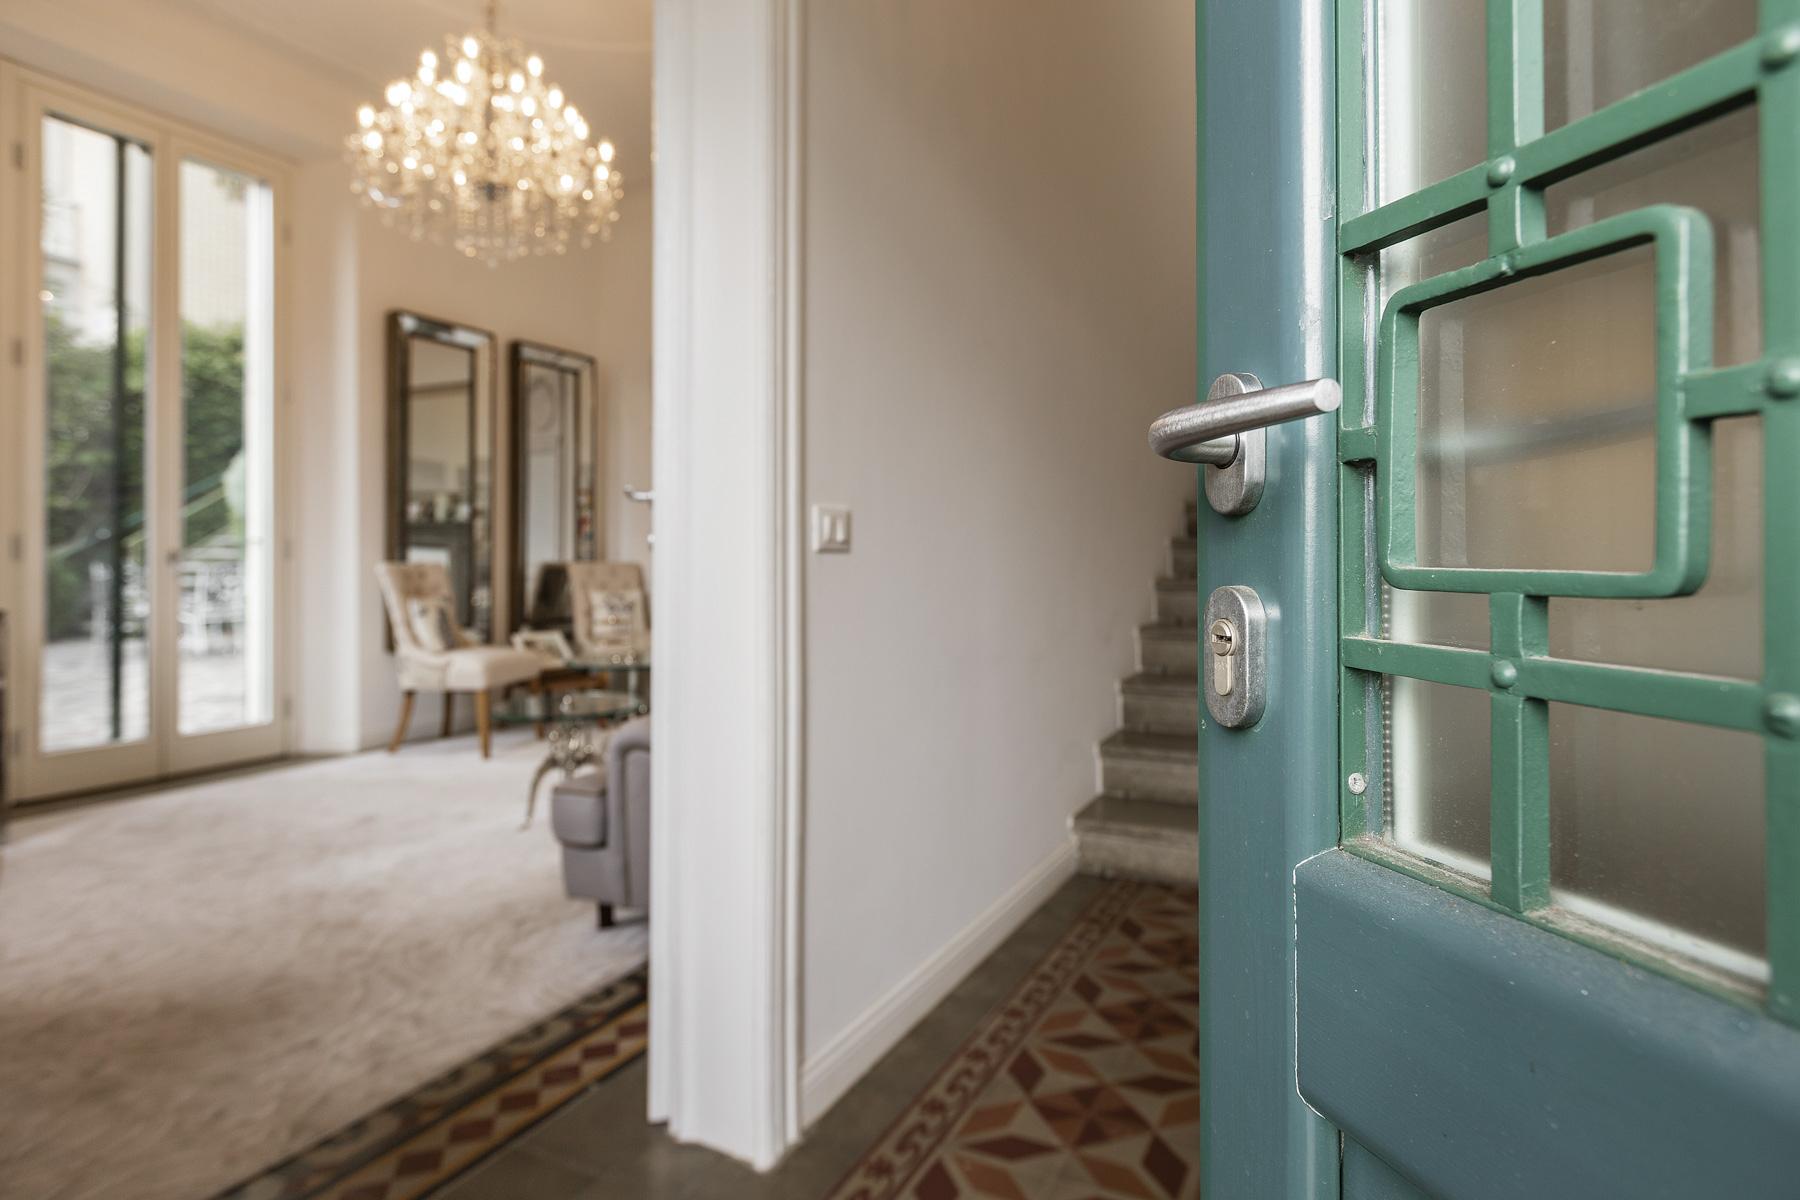 Villa in Vendita a Cernobbio: 5 locali, 325 mq - Foto 4